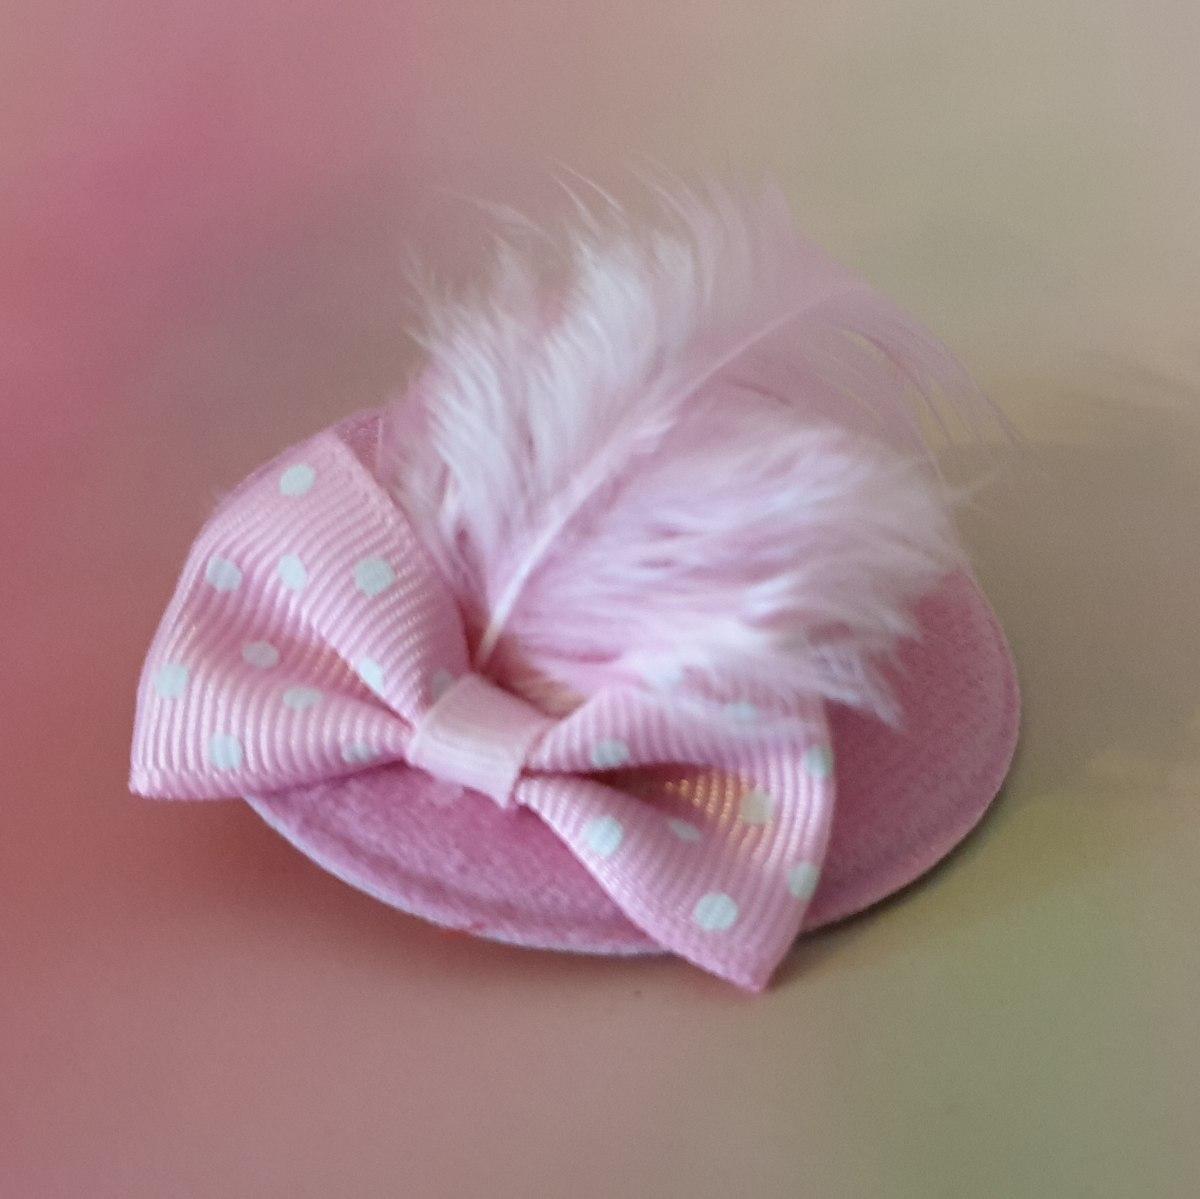 סיכת כובע ורוד בהיר